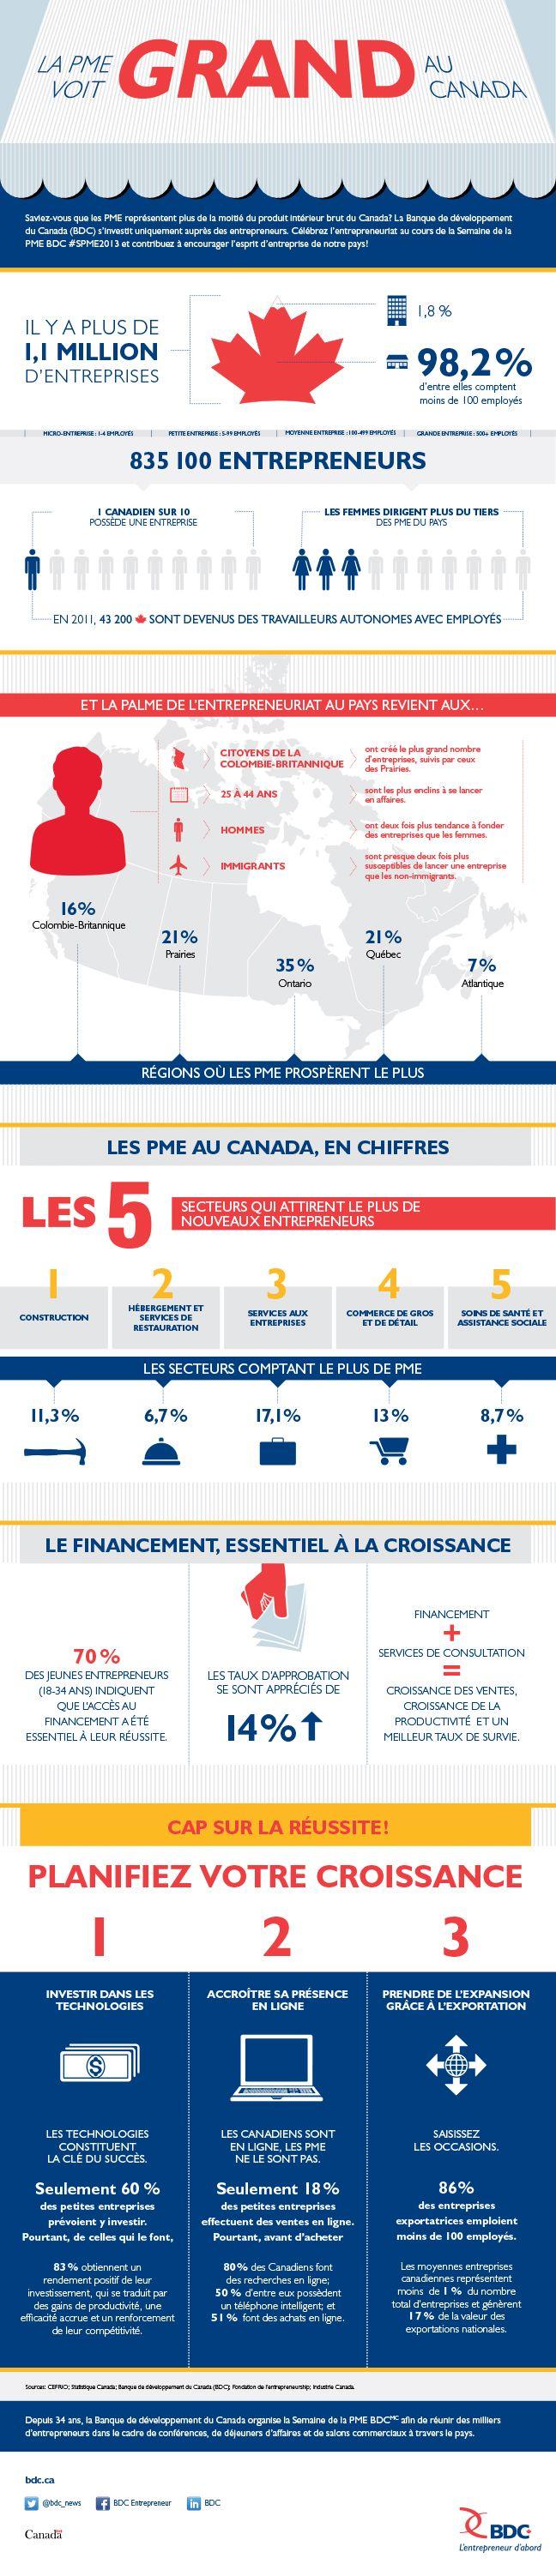 La PME voit grand au Canada (infographie)